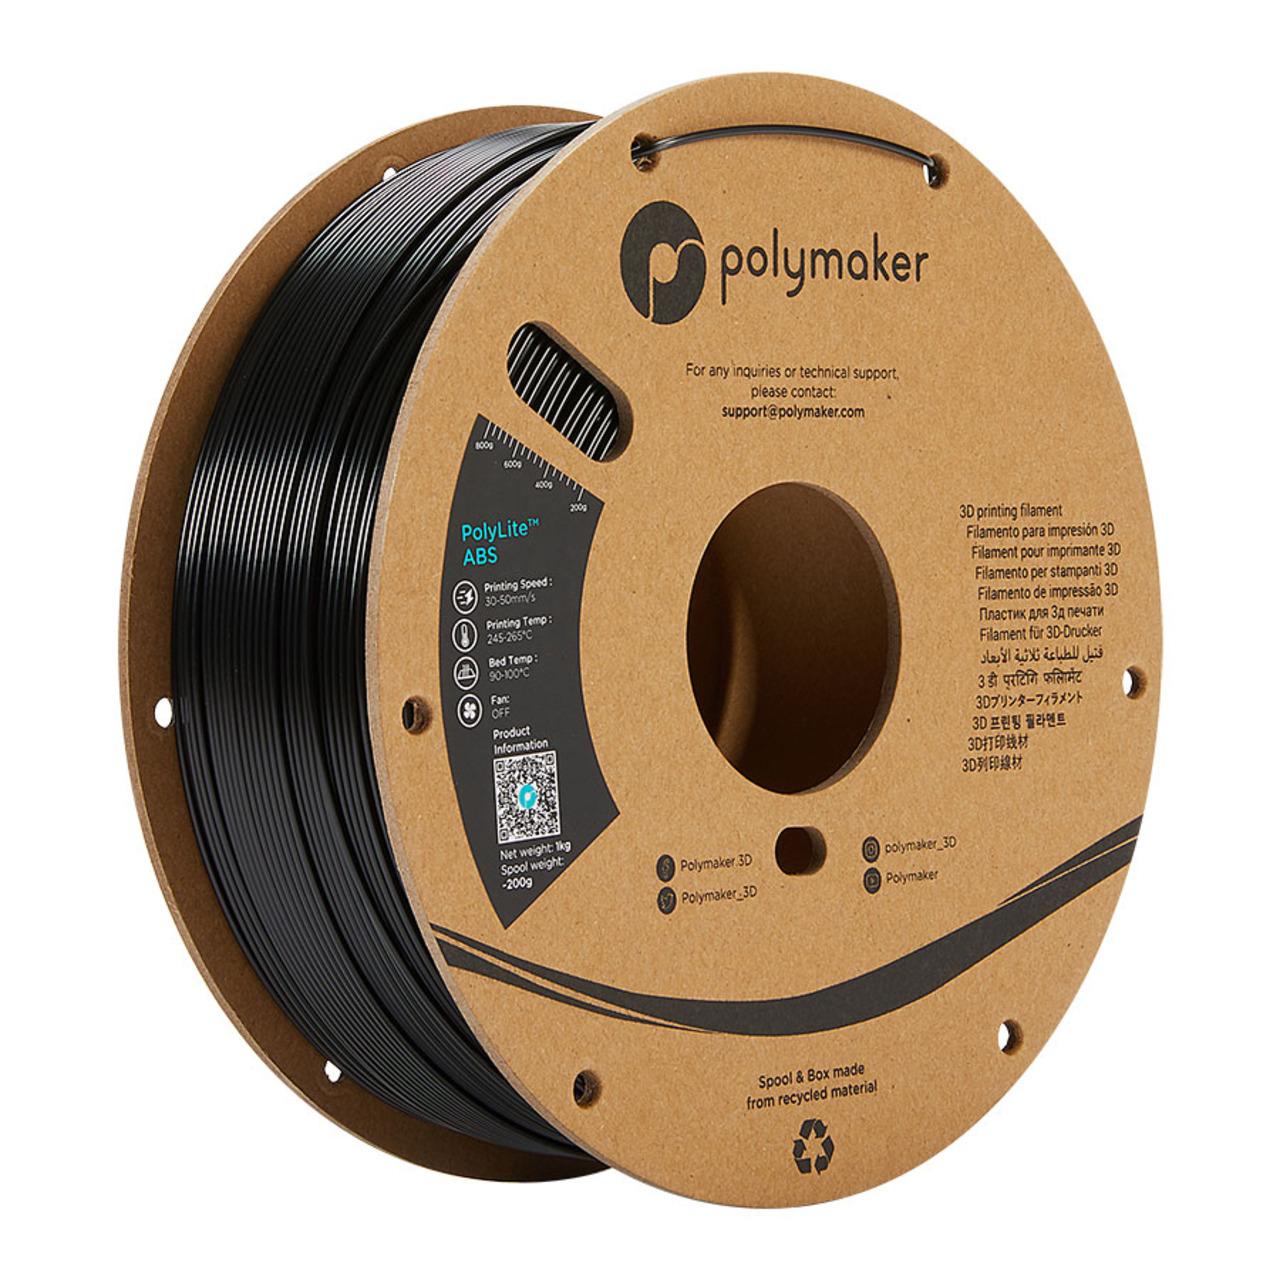 Polymaker Polylite ABS-Filament- schwarz- 1-75 mm- 1 kg